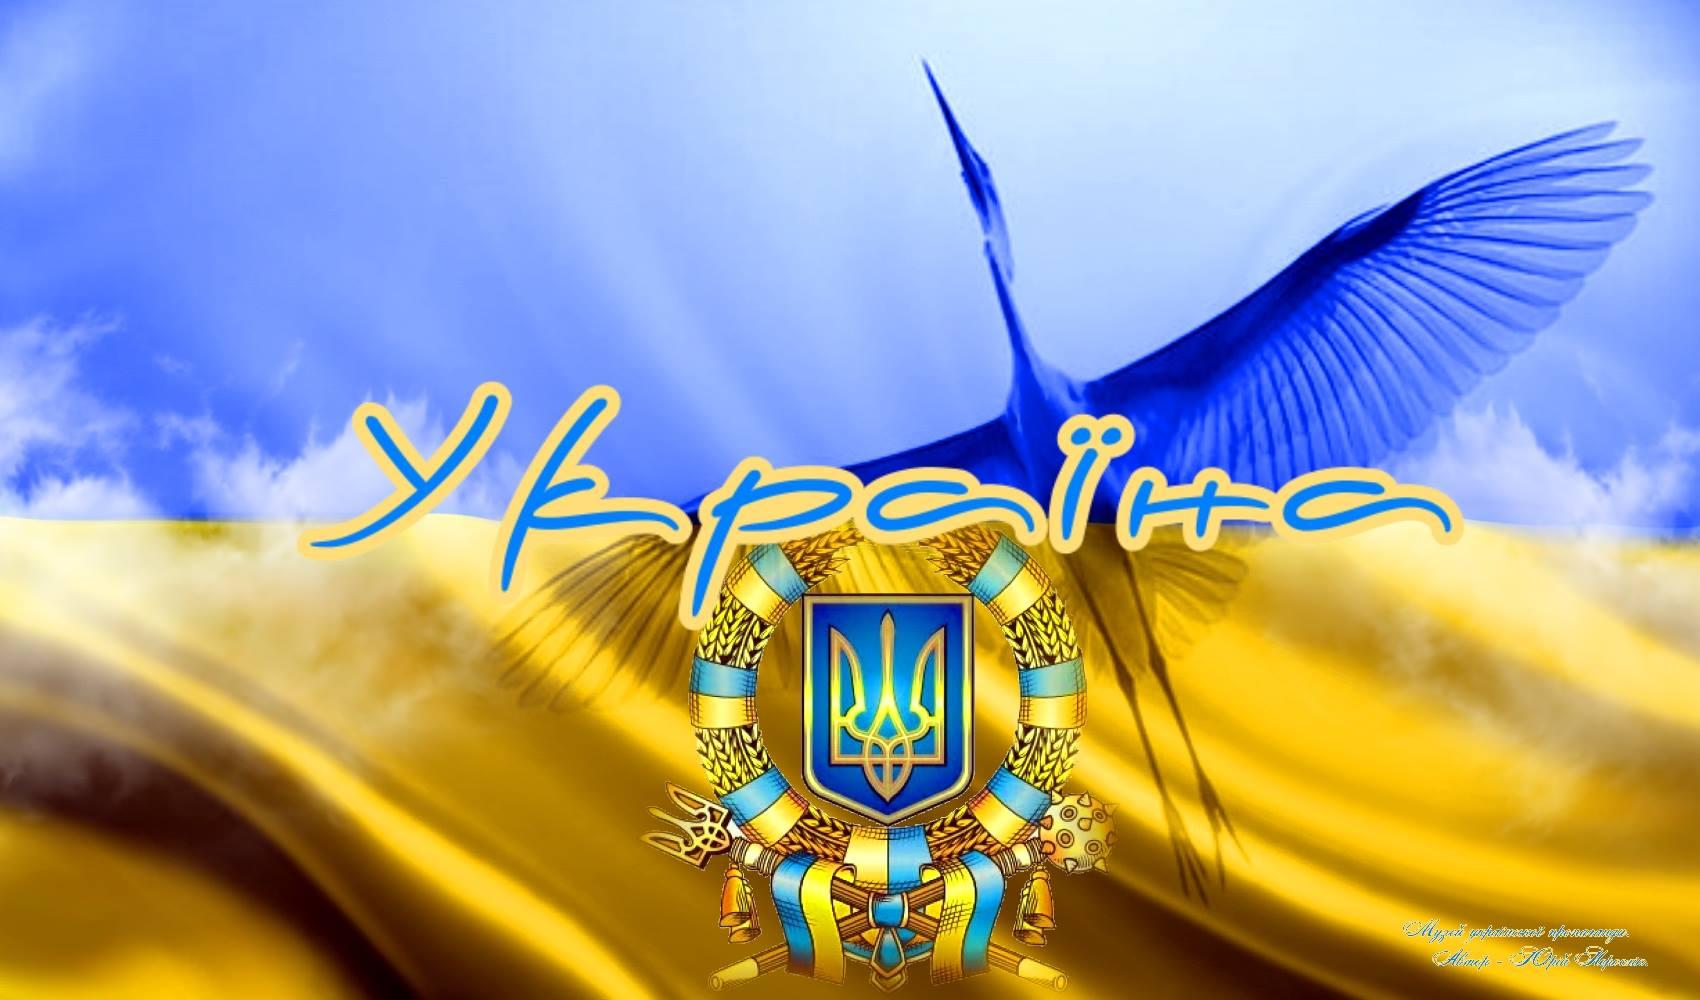 смесь патриотичные картинки про украину буквы размещены